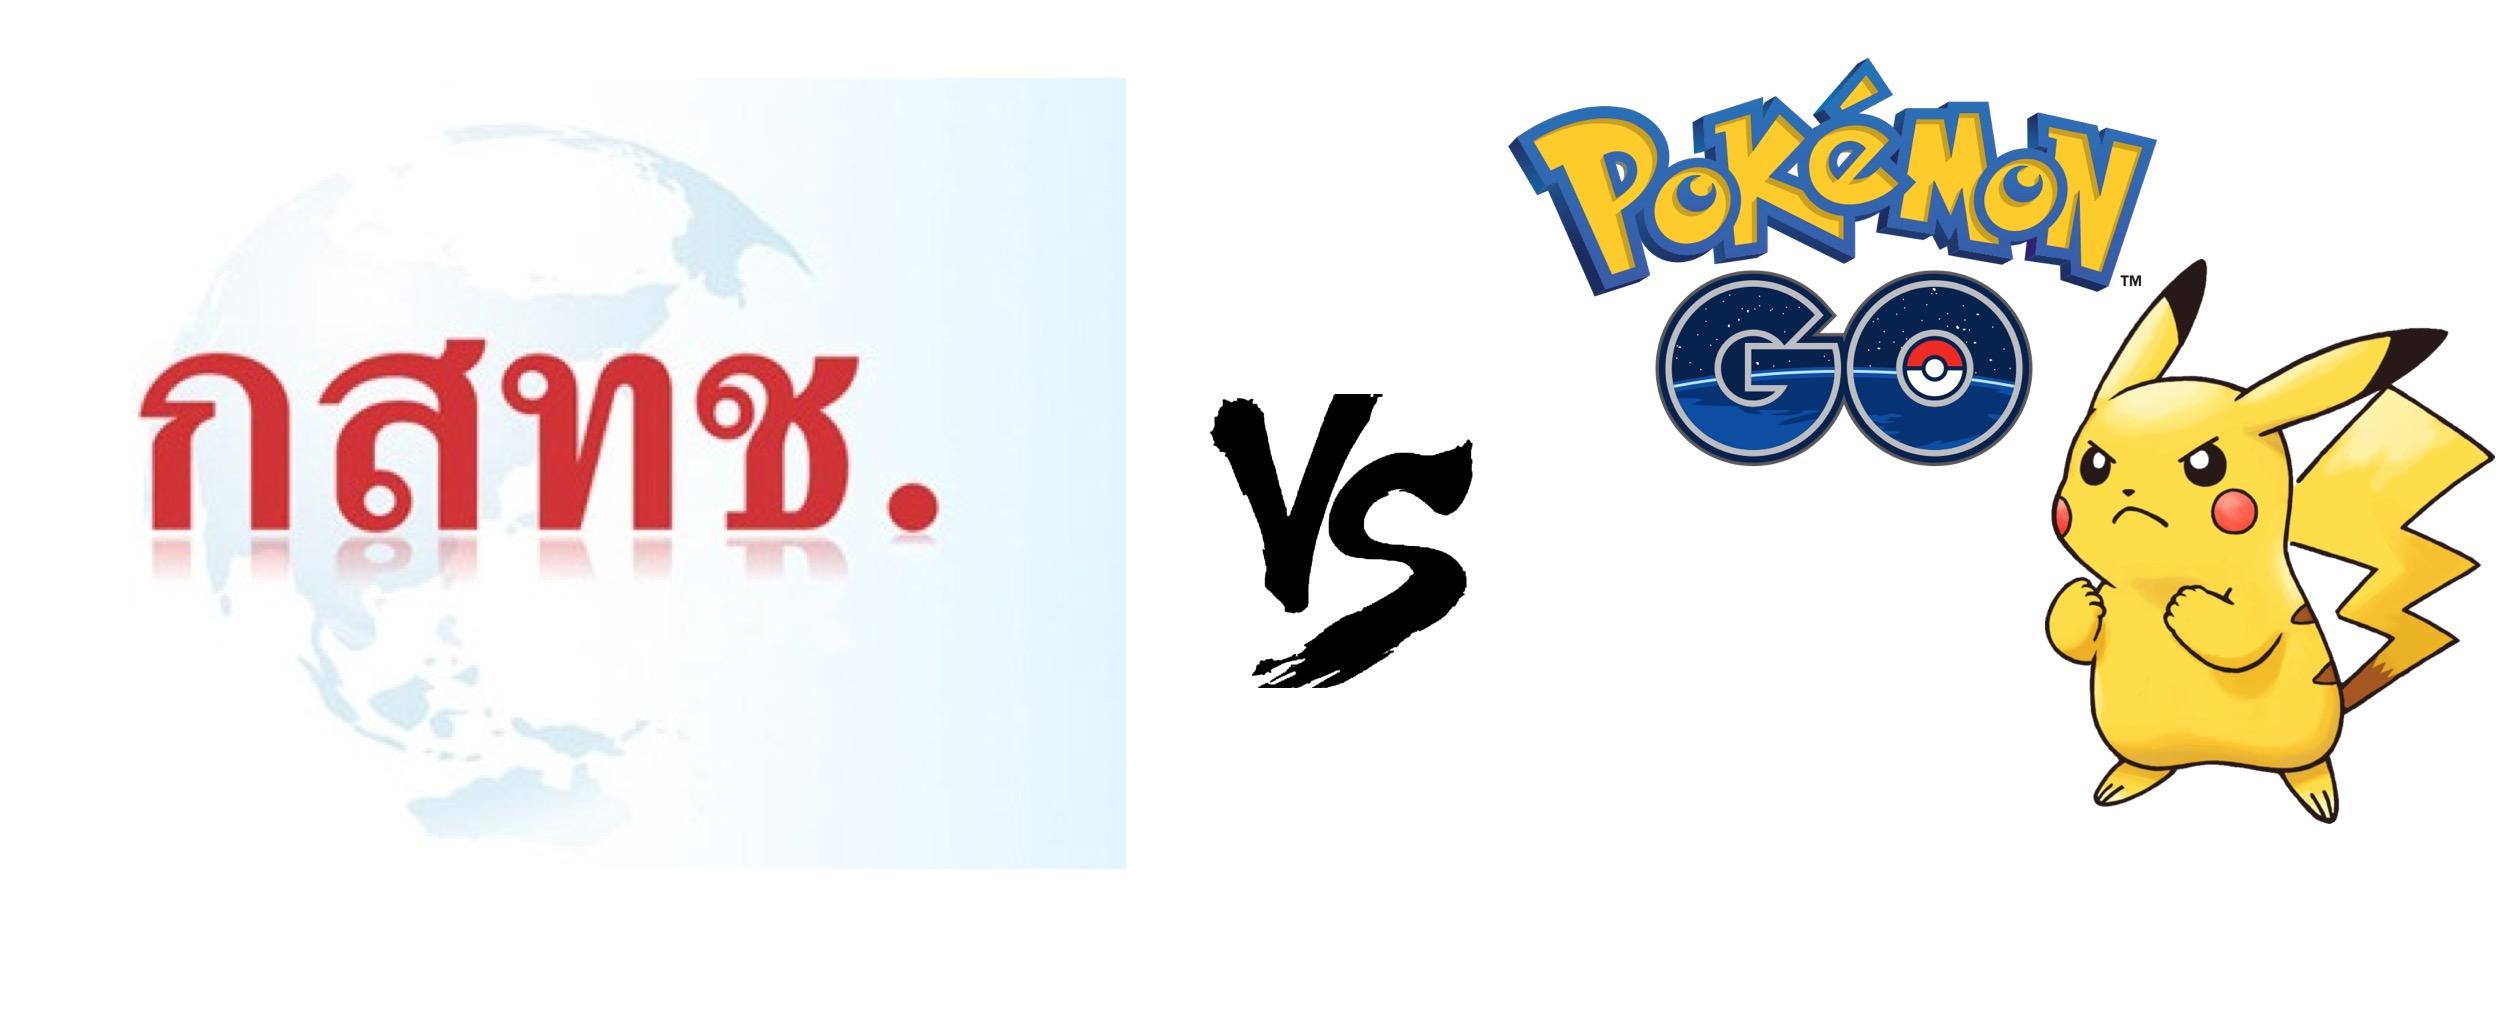 nbtc vs pokemon